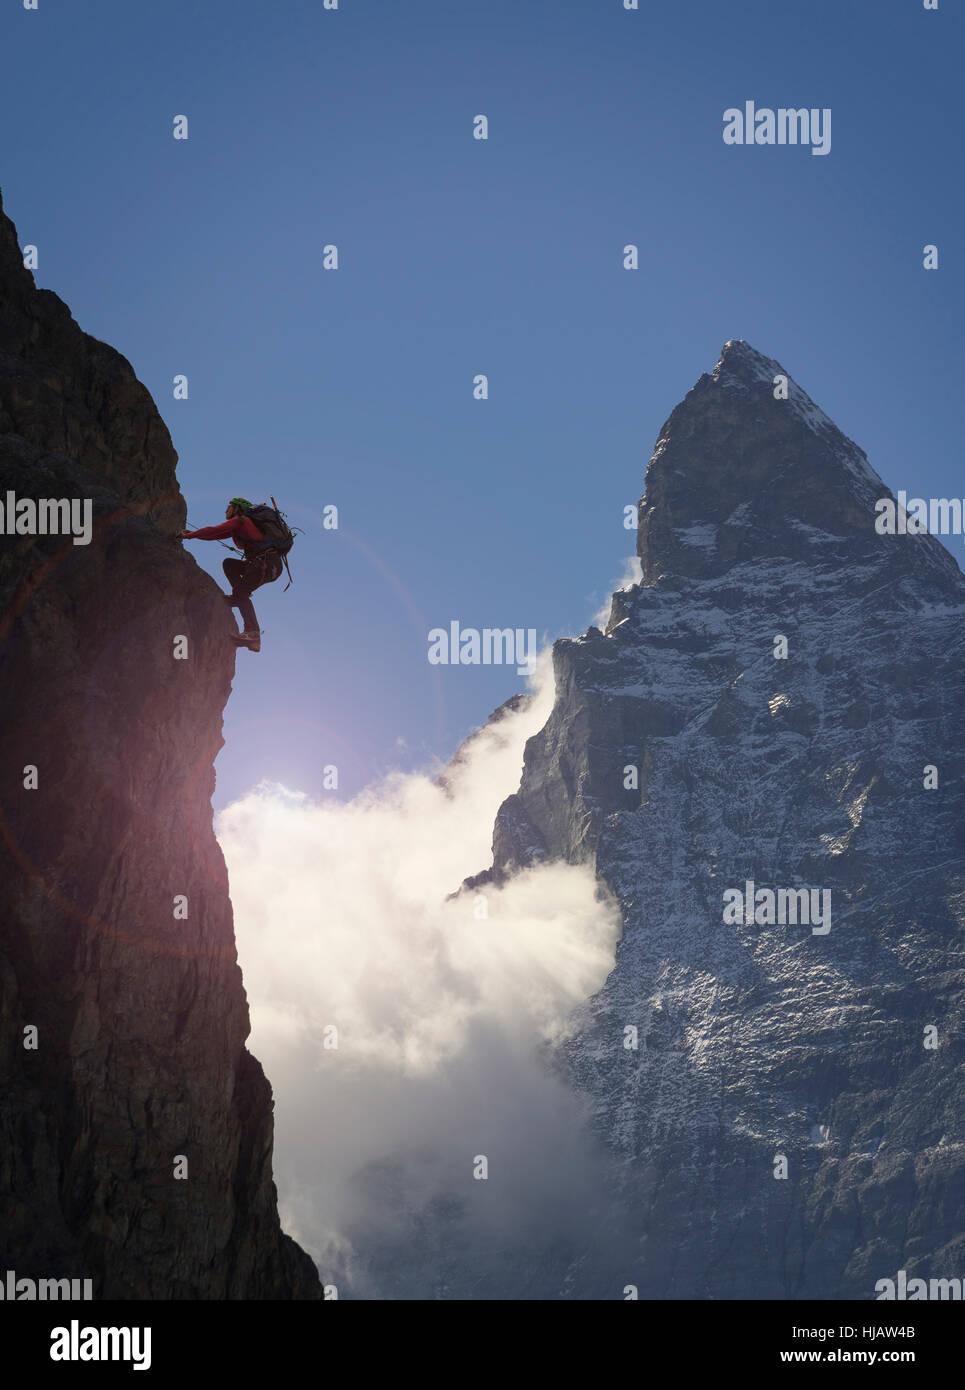 Silhouette weibliche Kletterer Klettern Felswand in der Nähe von Matterhorn, Kanton Wallis, Schweiz Stockbild